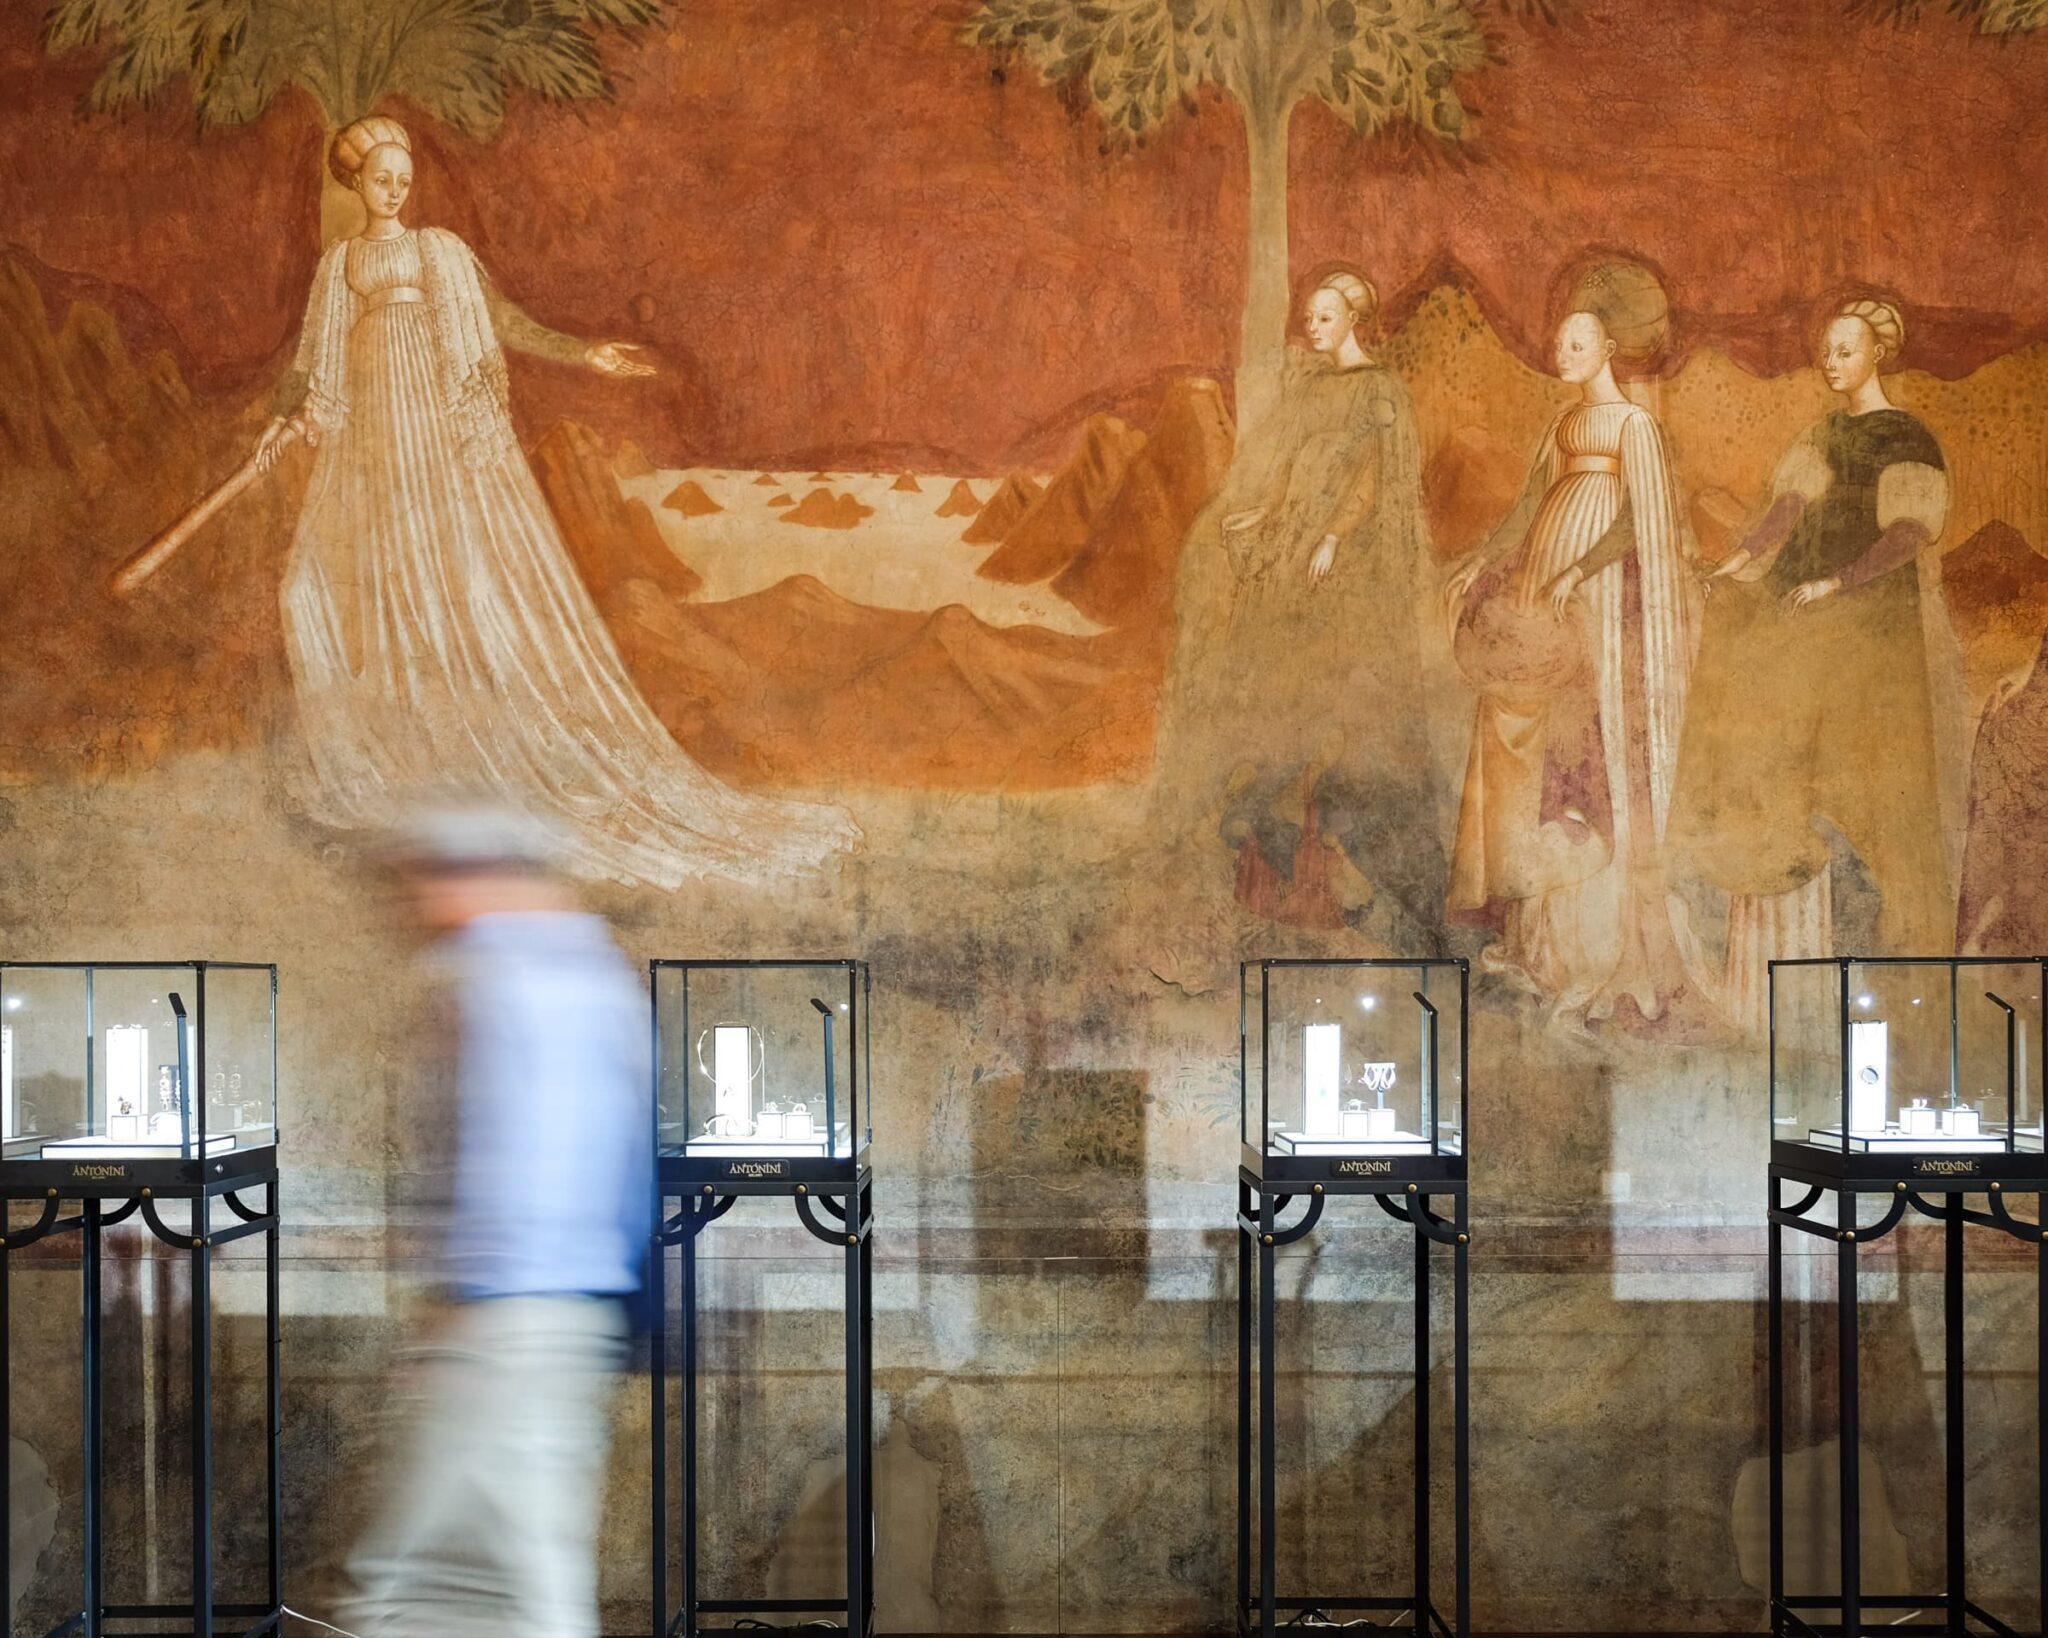 Lo showroom Sergio Antonini gioielli al Palazzo Borromeo di Milano